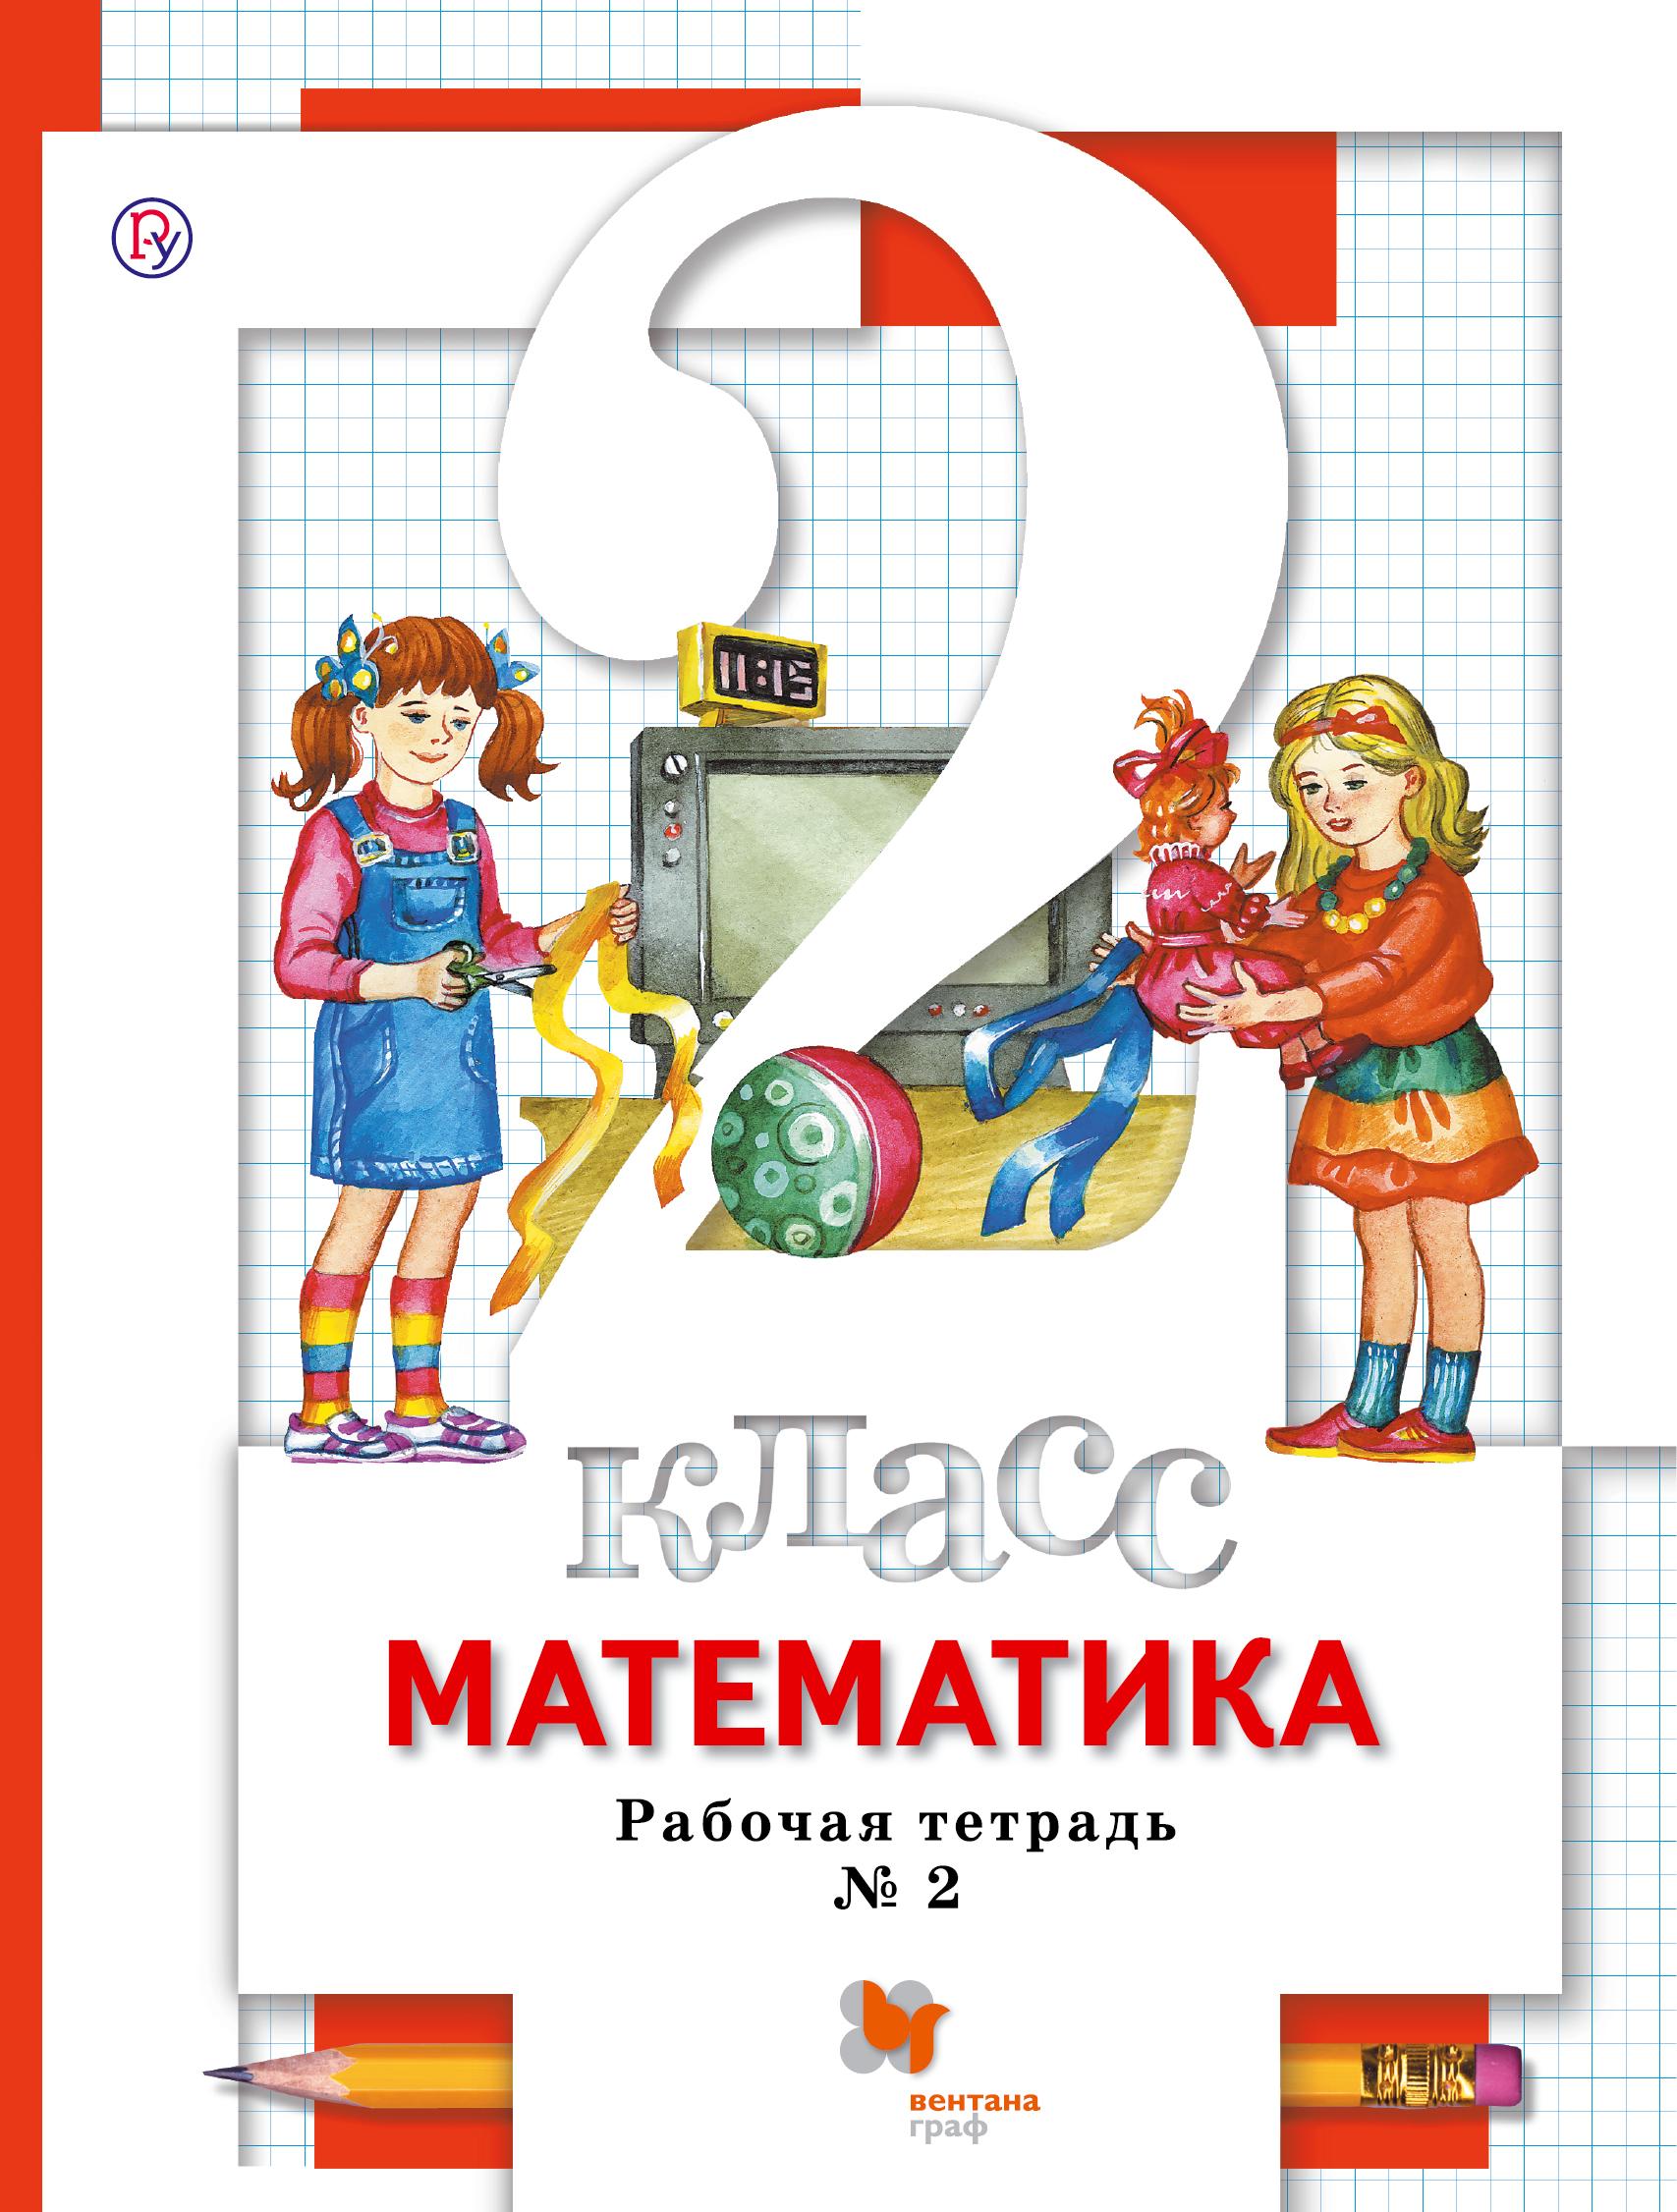 Минаева С.С., Зяблова Е.Н. Математика. 2кл. Рабочая тетрадь №2. минаева с зяблова е математика 2 класс рабочая тетрадь 2